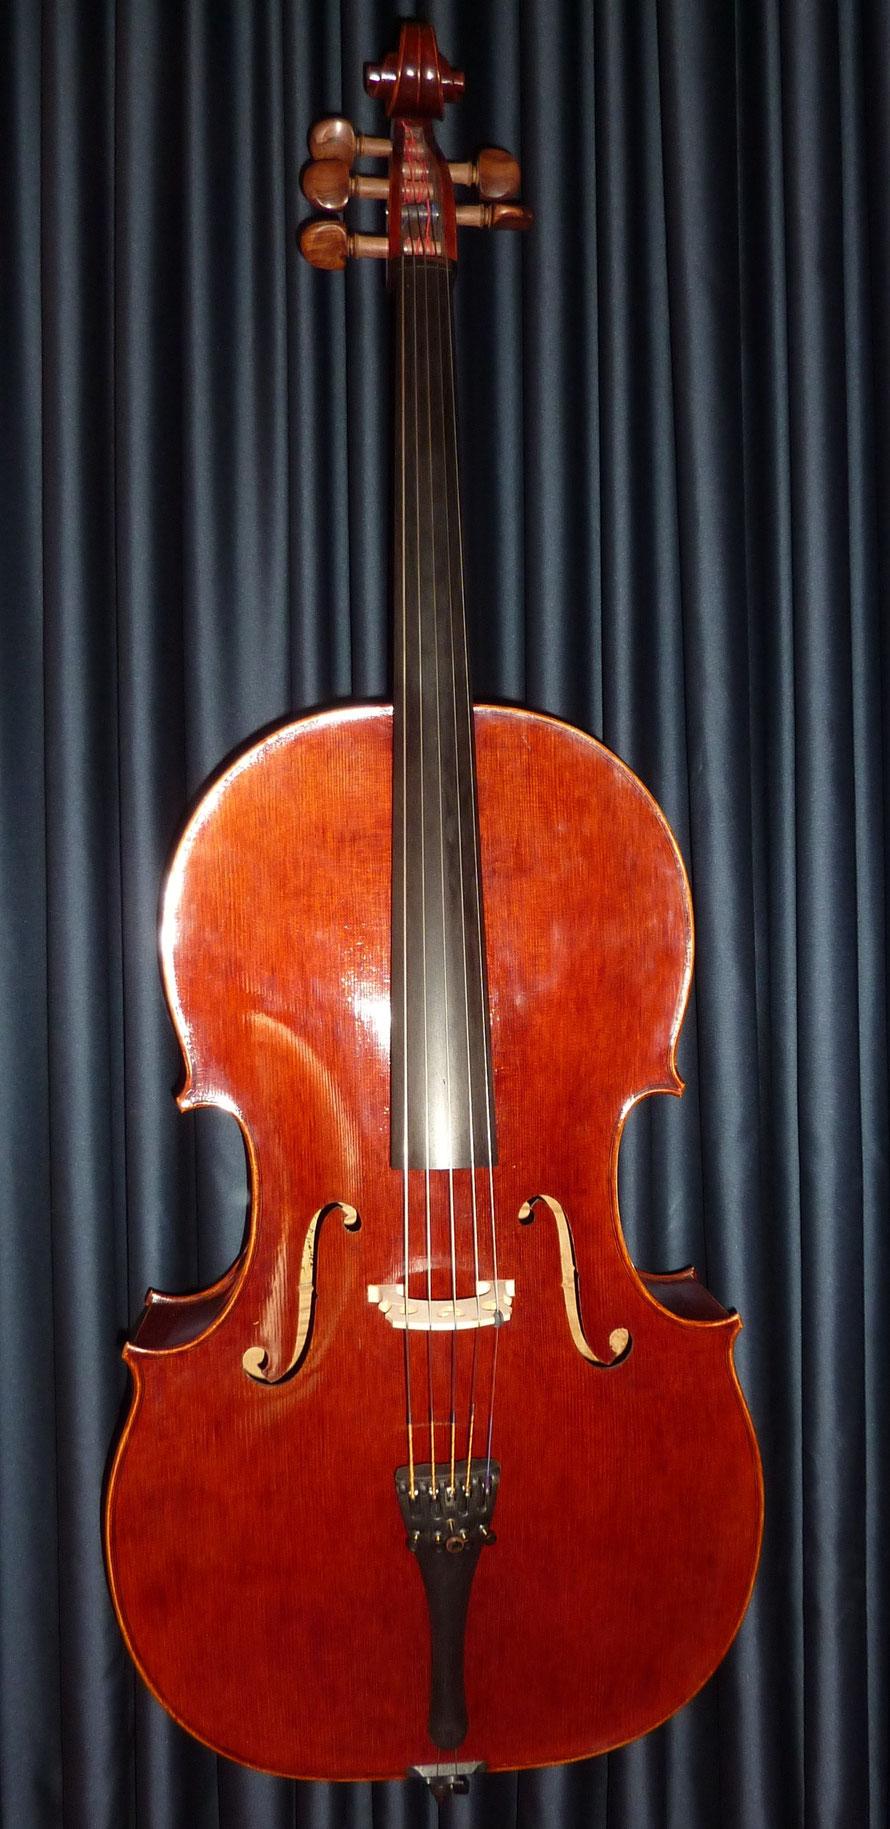 Violoncello, fünfsaitig, Henryk Kaletta, fecit Karlsruhe 2005, Decke